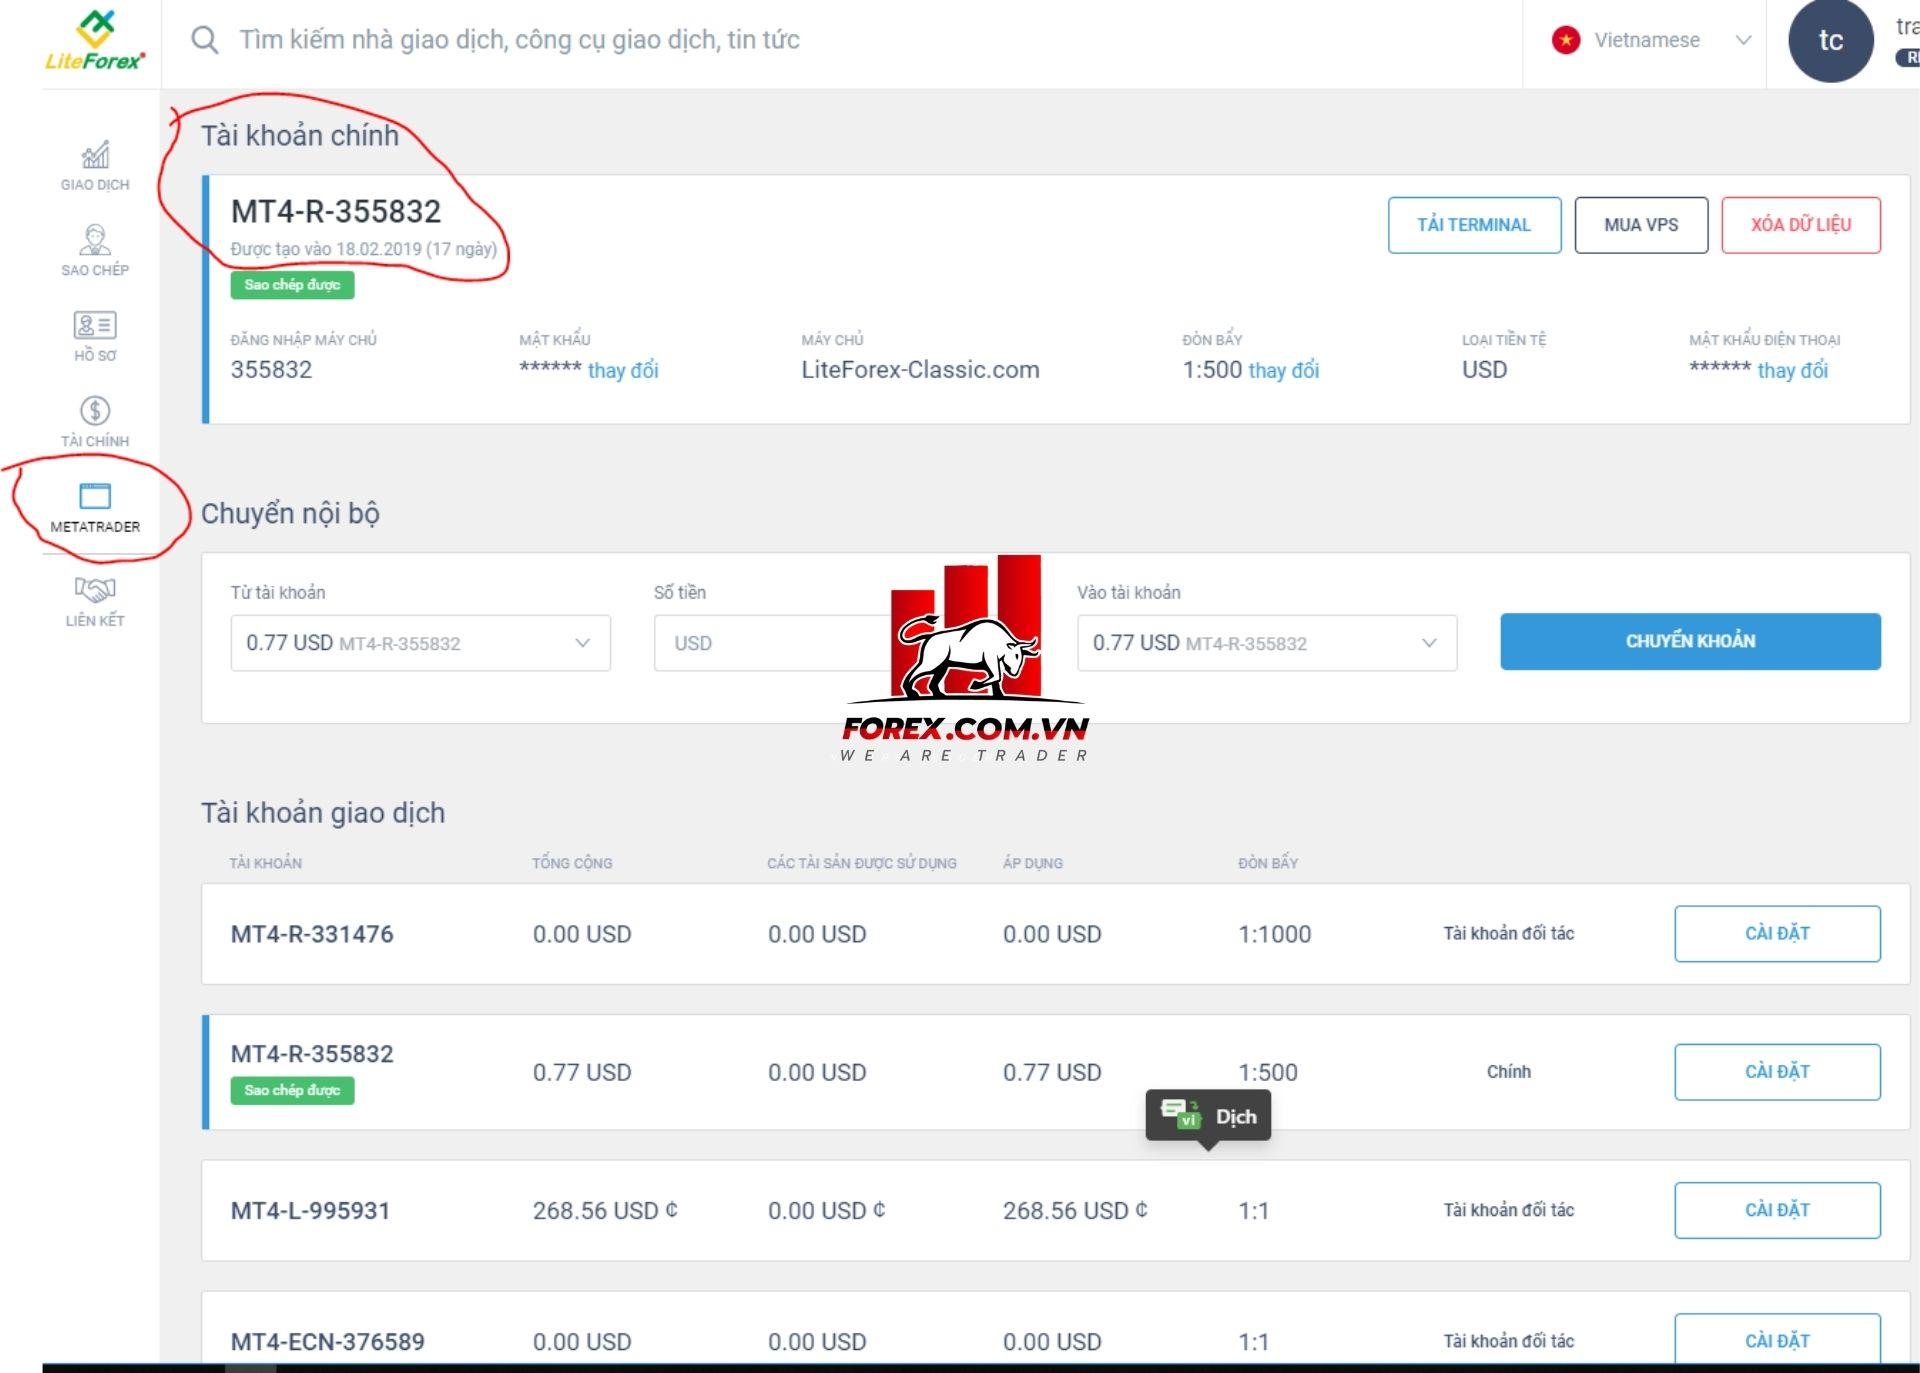 đăng ký master trader tại liteforex 3